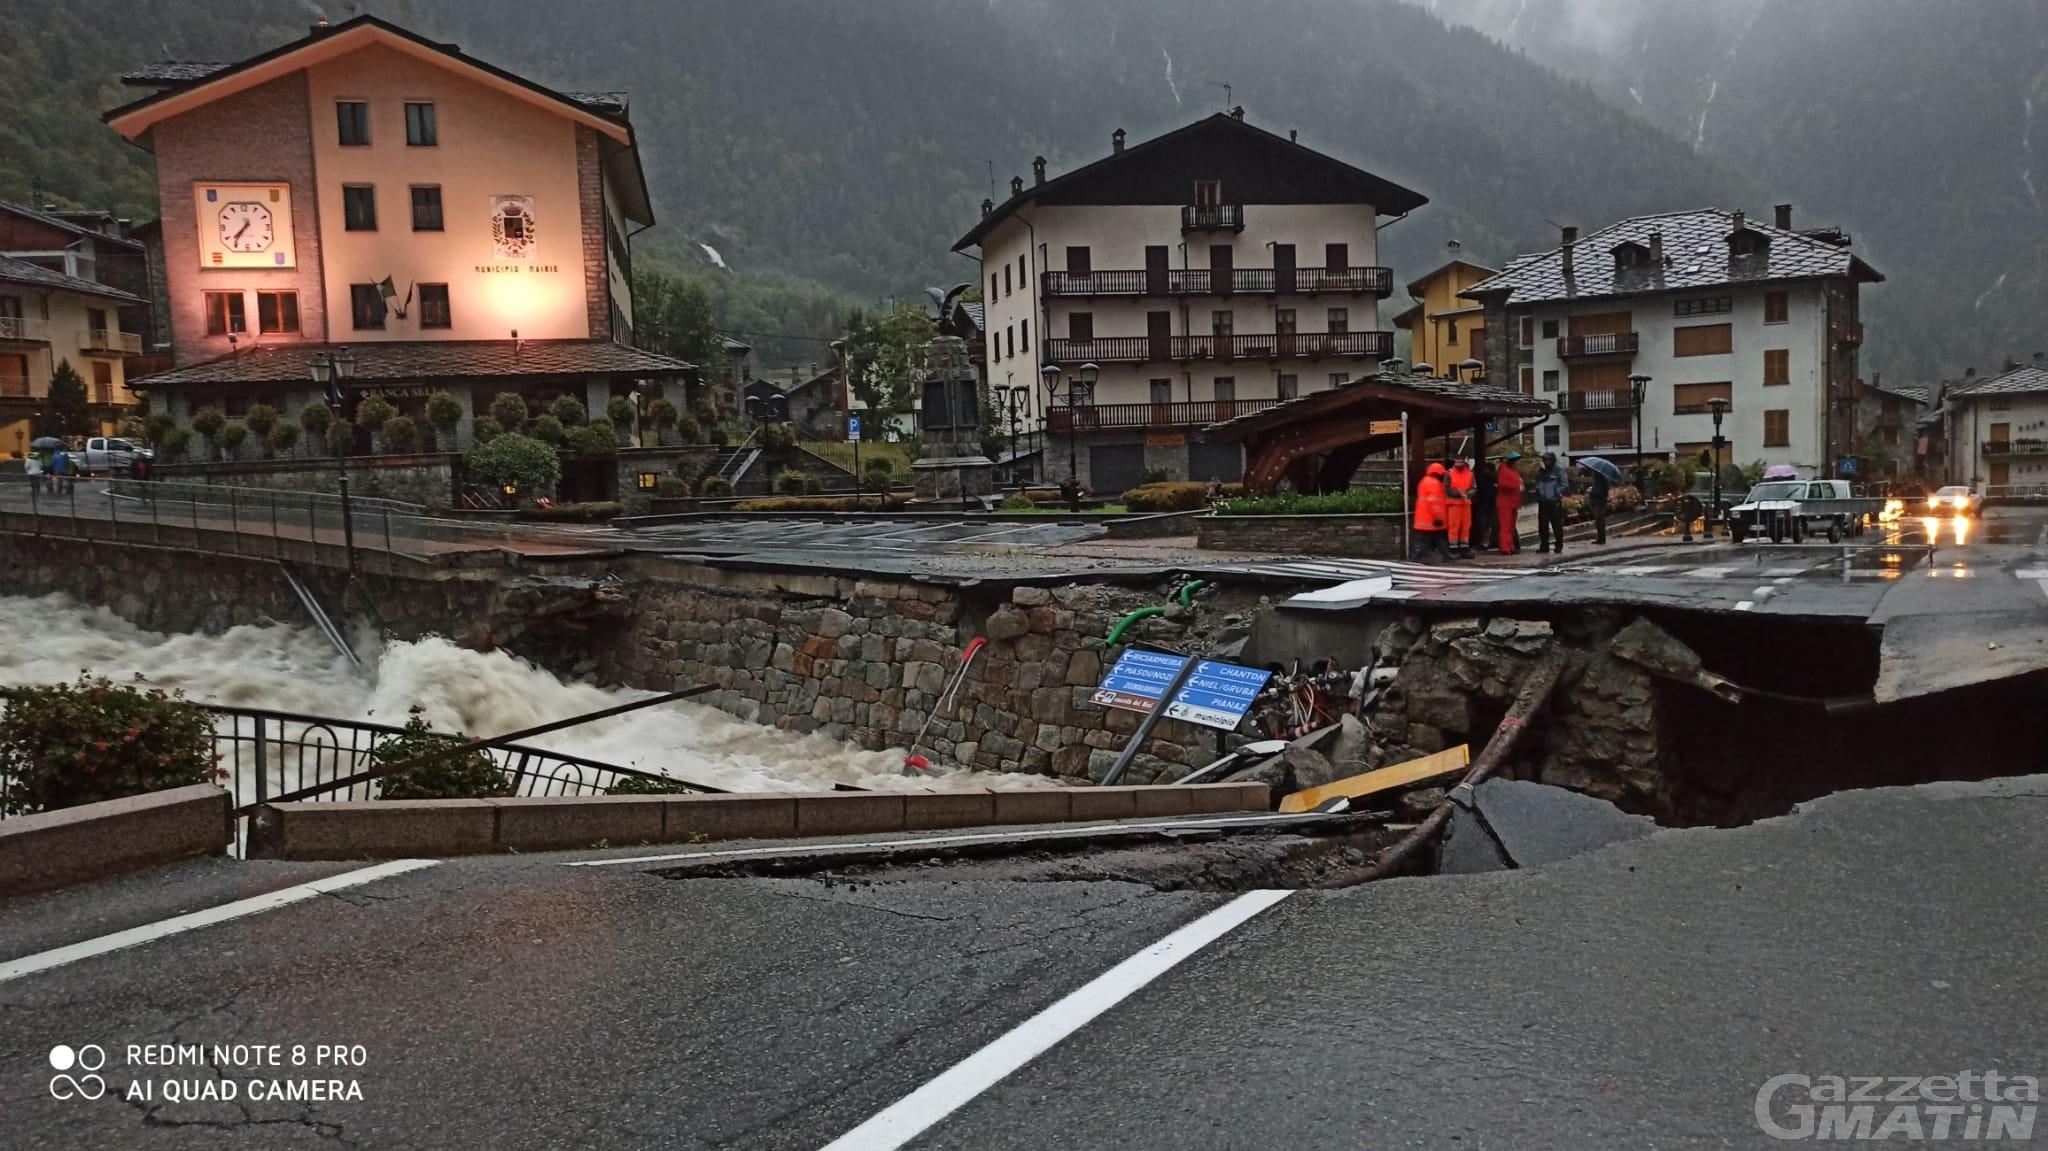 Maltempo, Valle d'Aosta dichiara stato di calamità